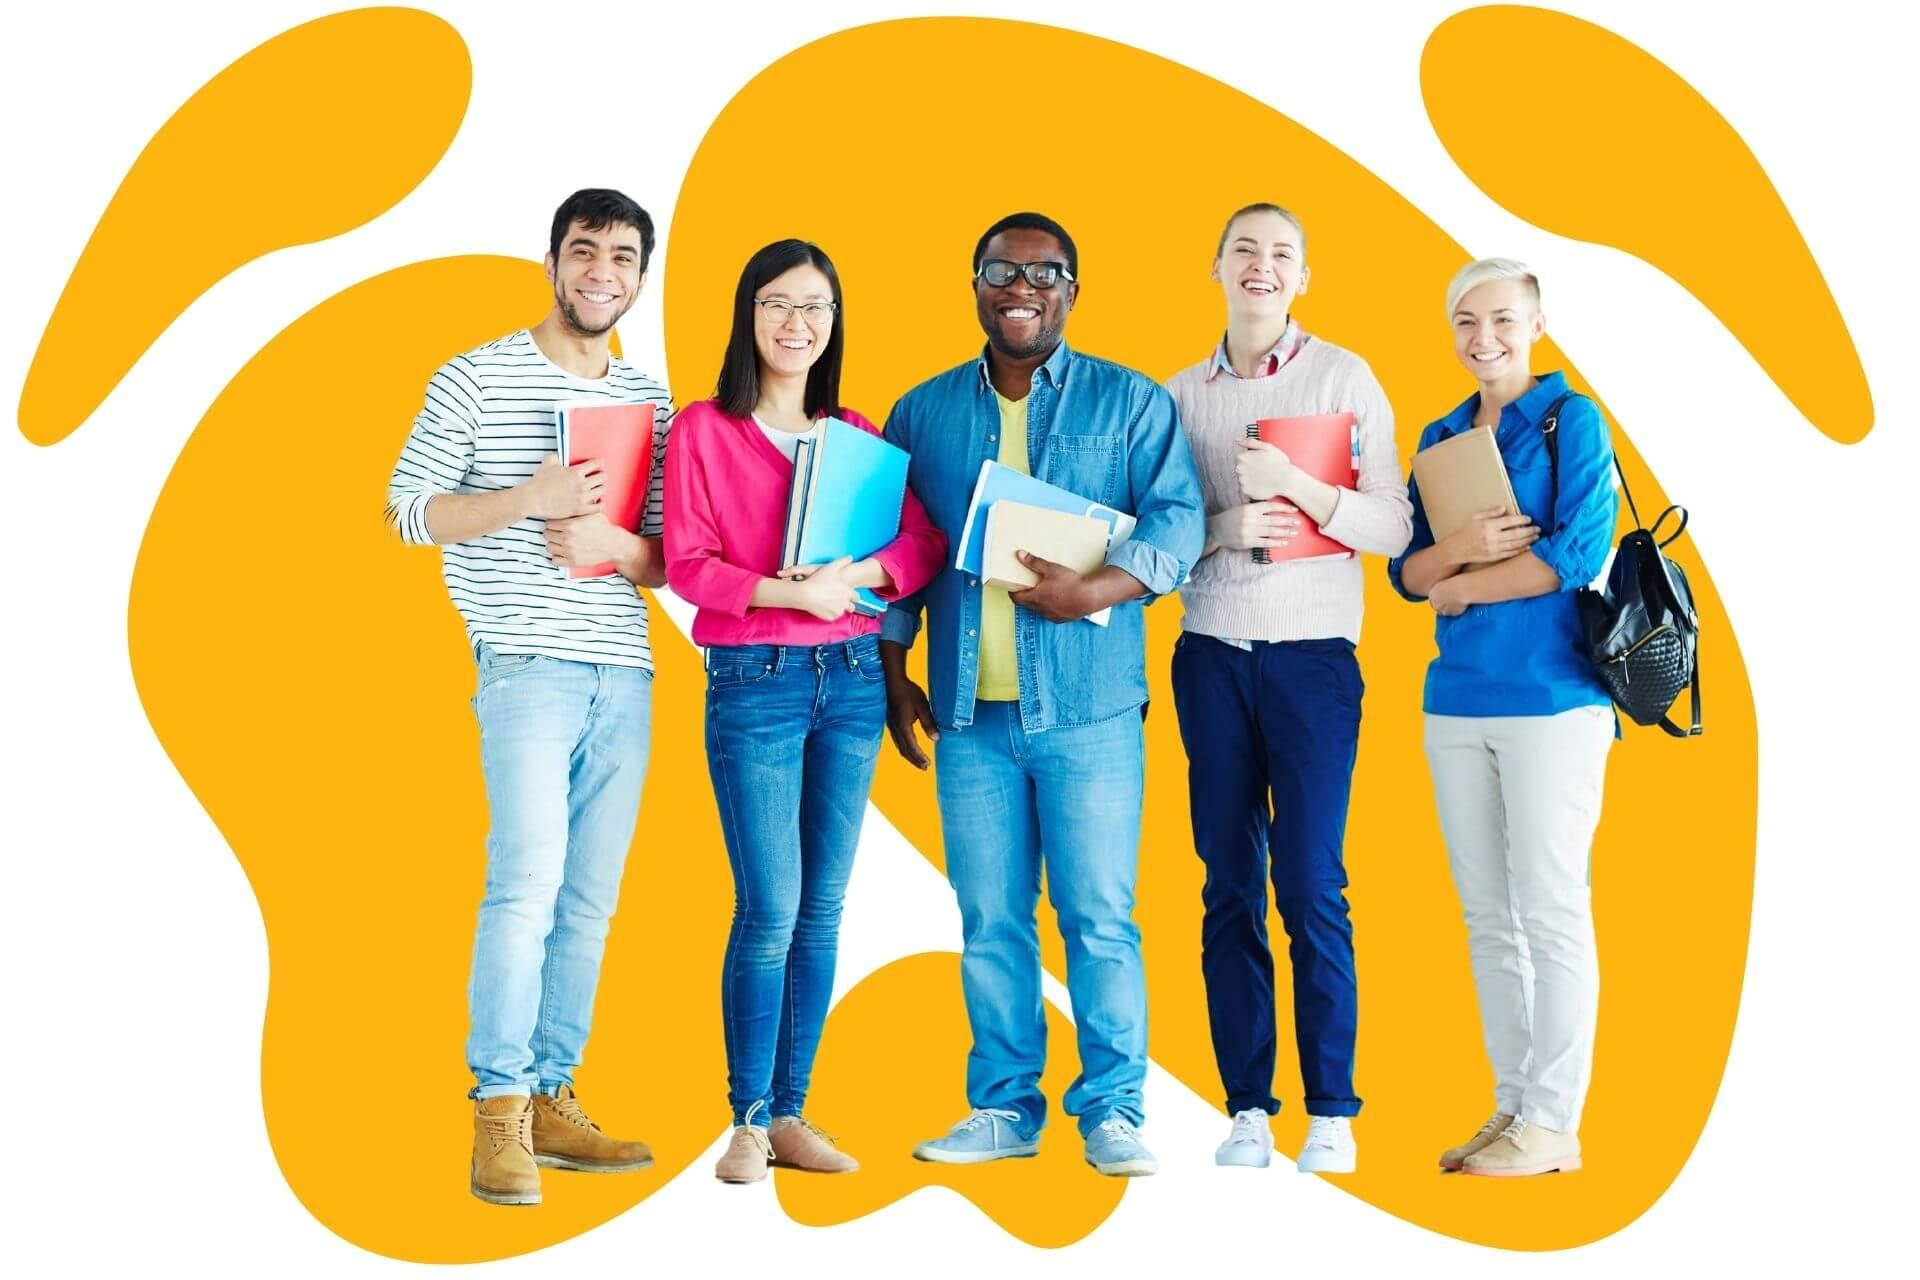 comment renforcer l'engagement des apprenants